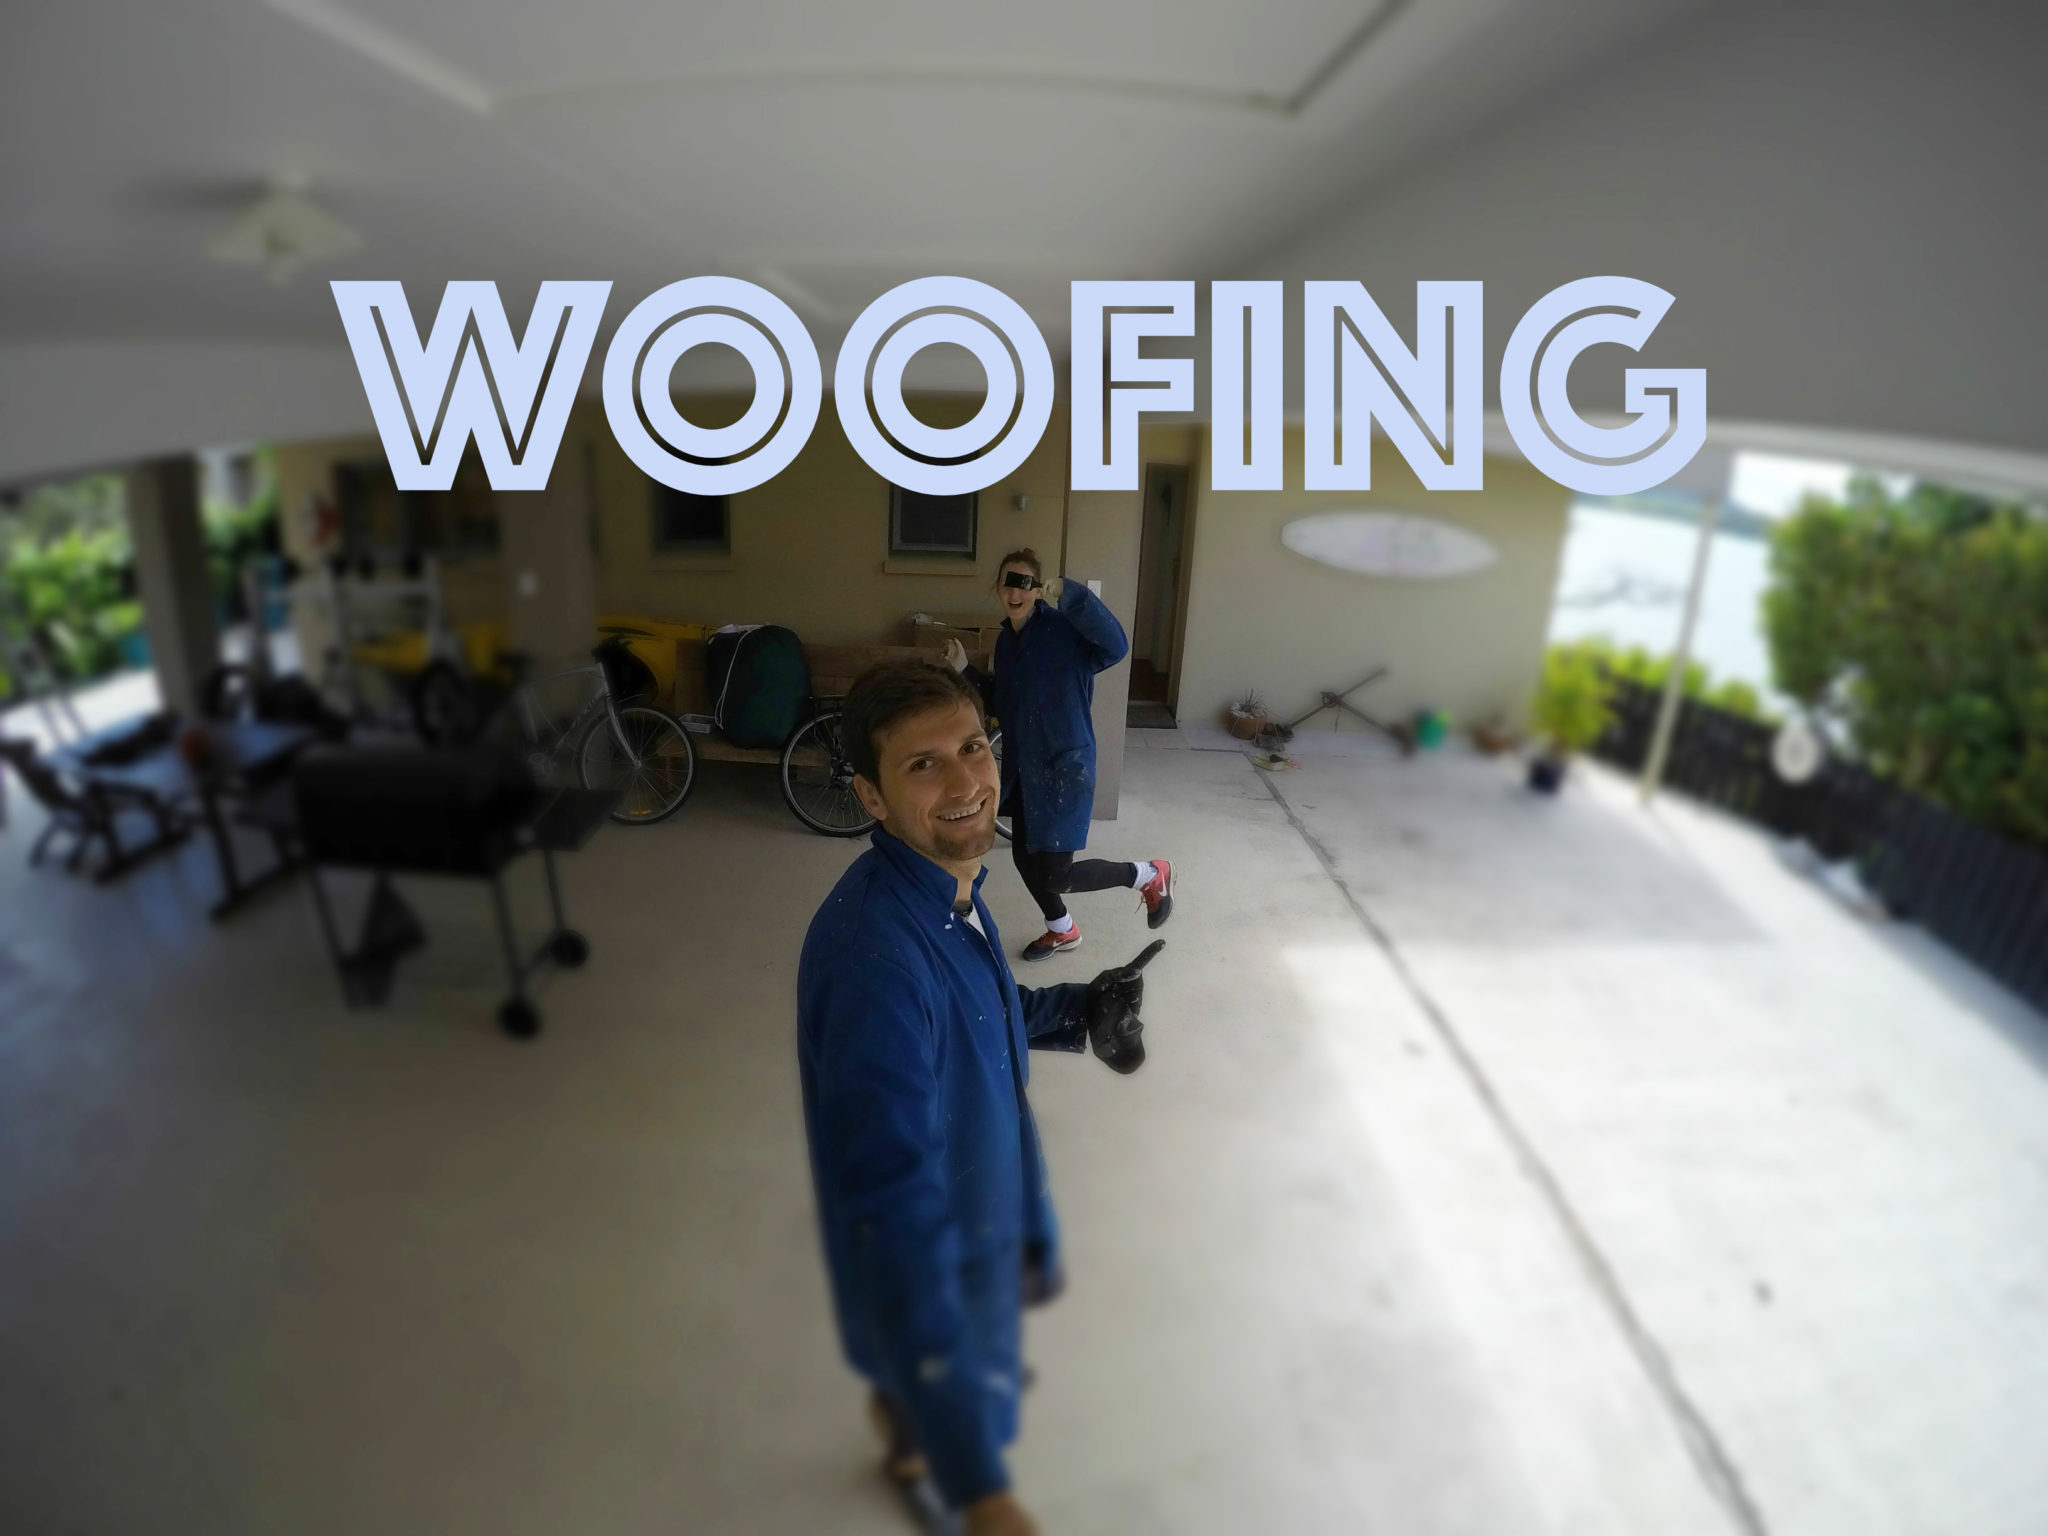 Nový Zéland Facebook: Woofing Na Novém Zélandu